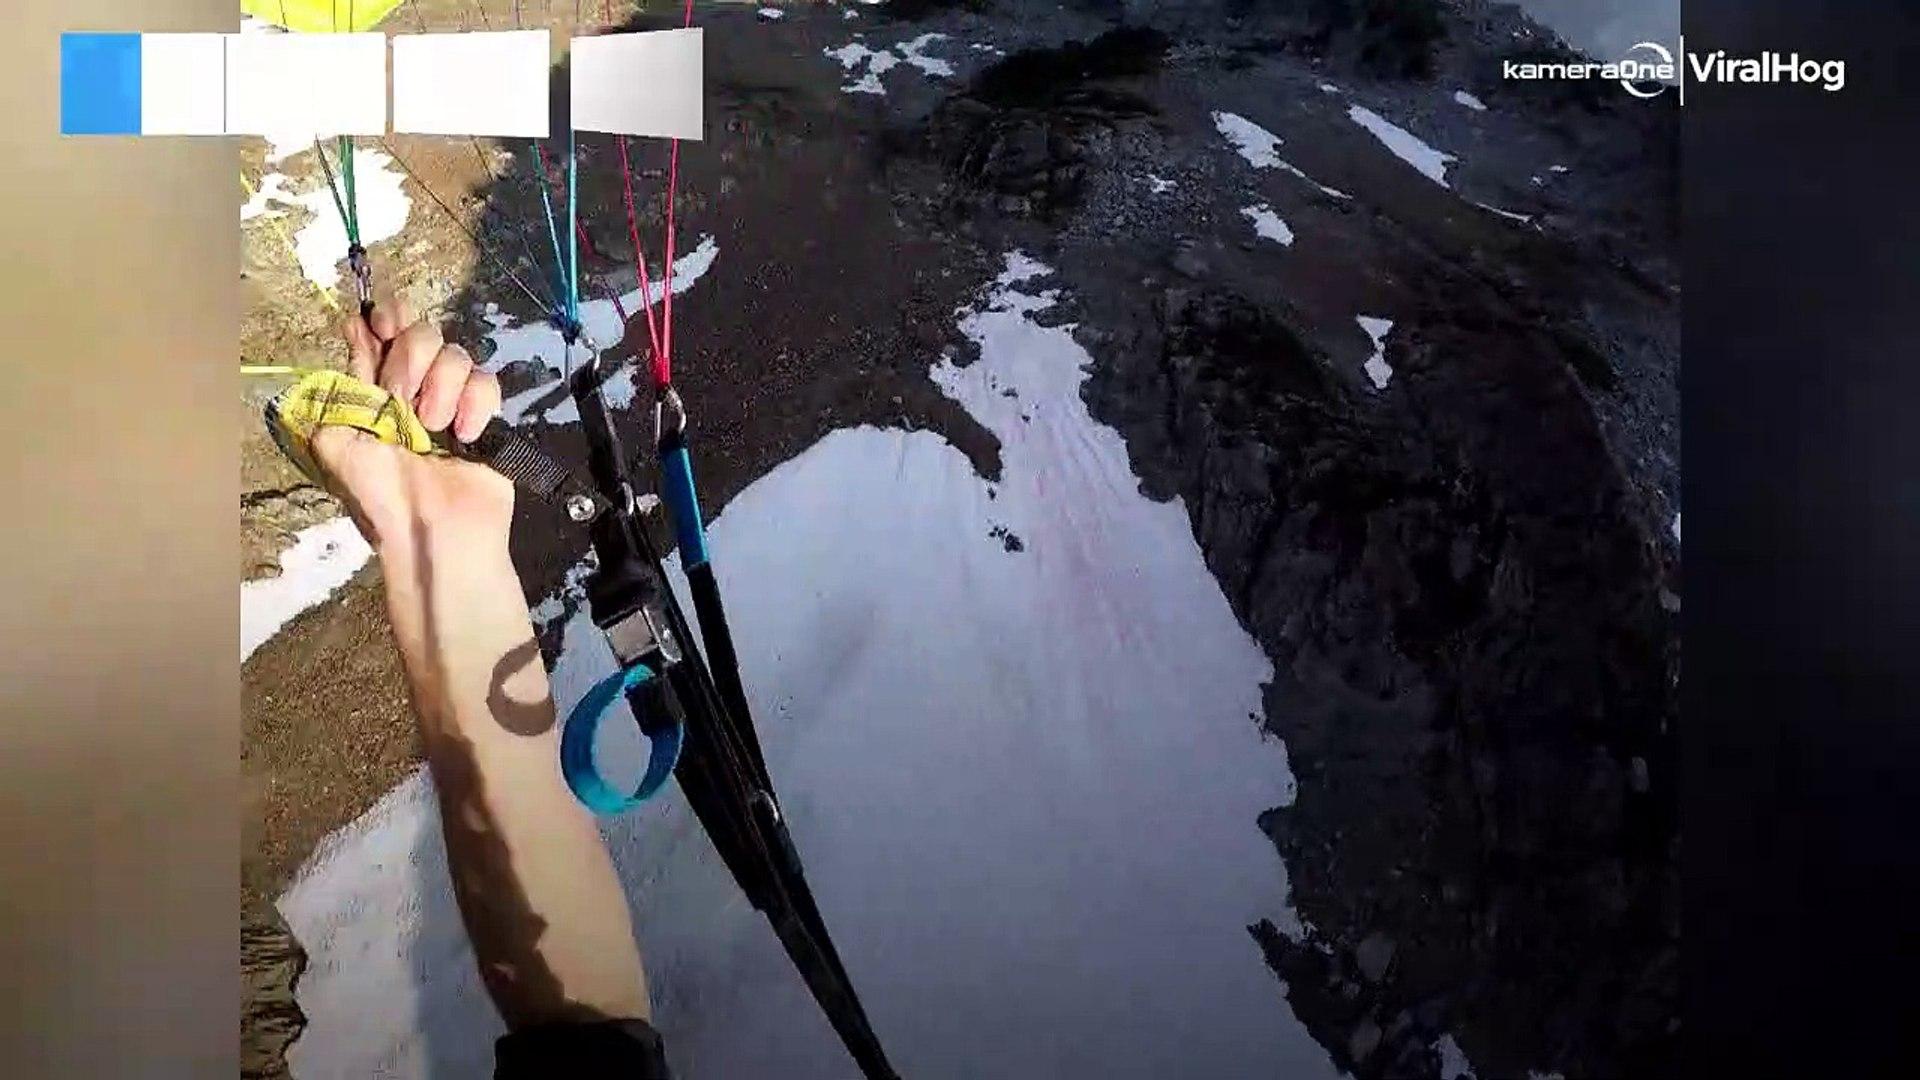 Hombre baja una montaña a una velocidad impresionante